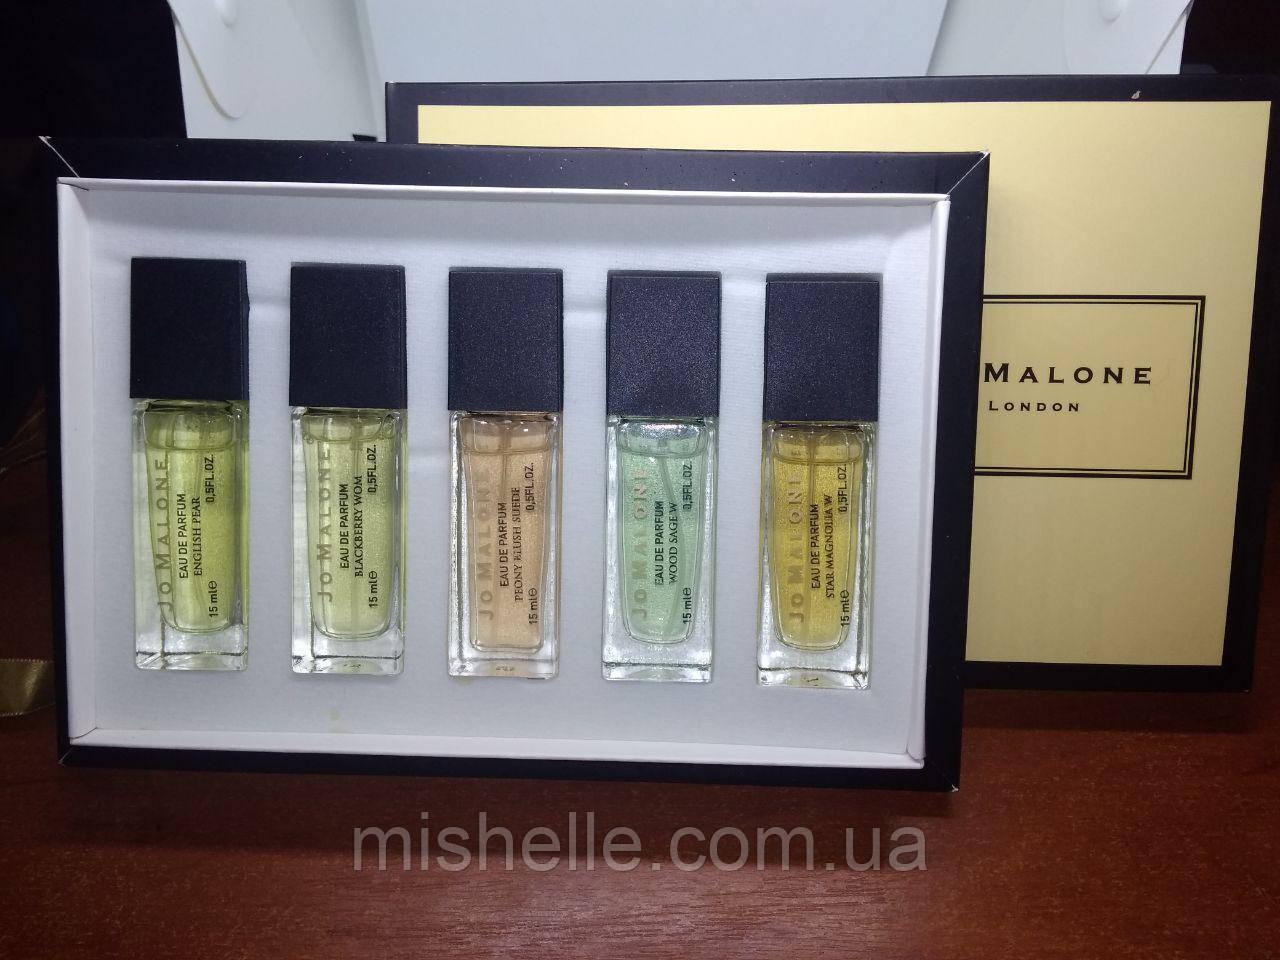 Набор мини-парфюмов Jo Malone 5 по 15мл